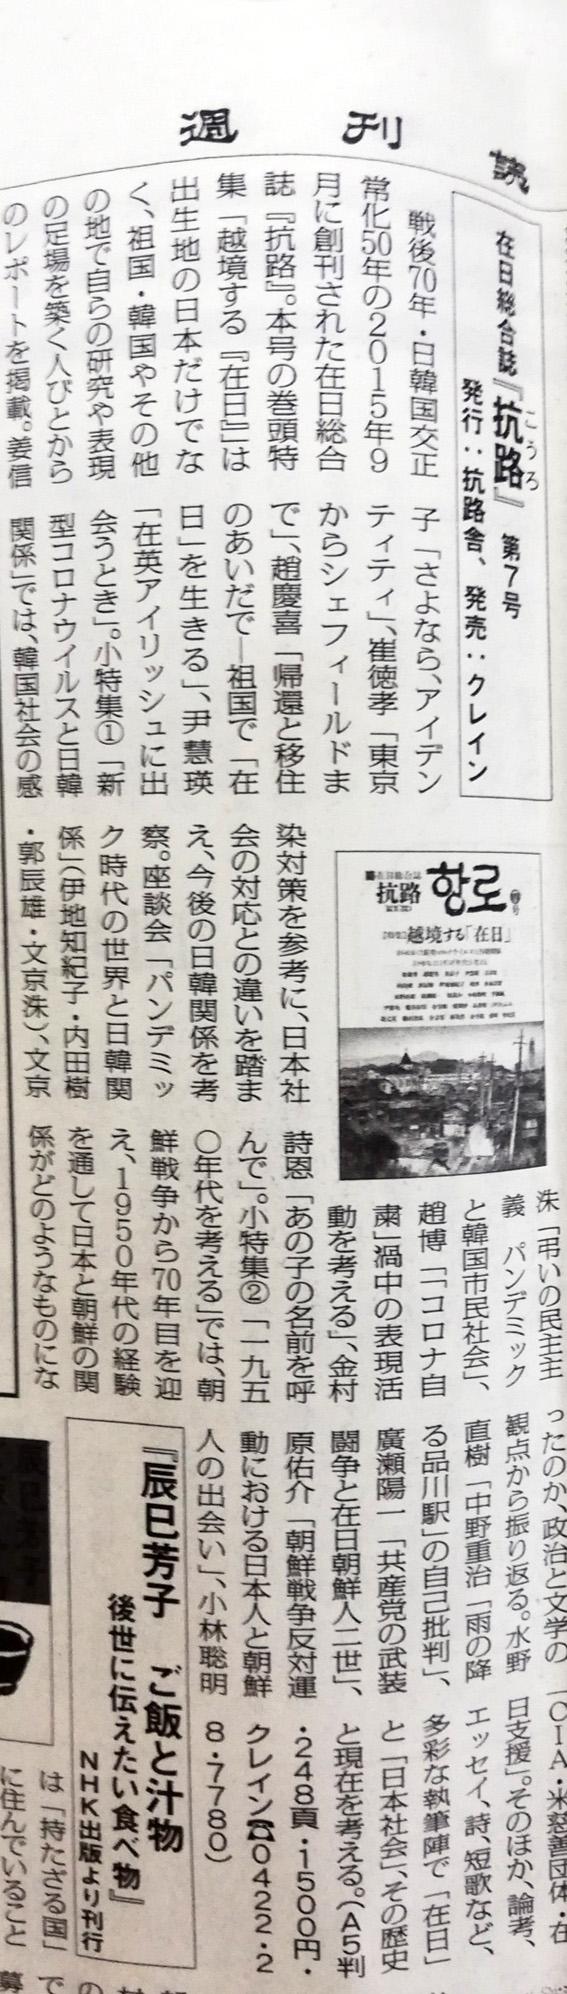 『週刊読書人』9月4日号の『抗路7号』紹介記事